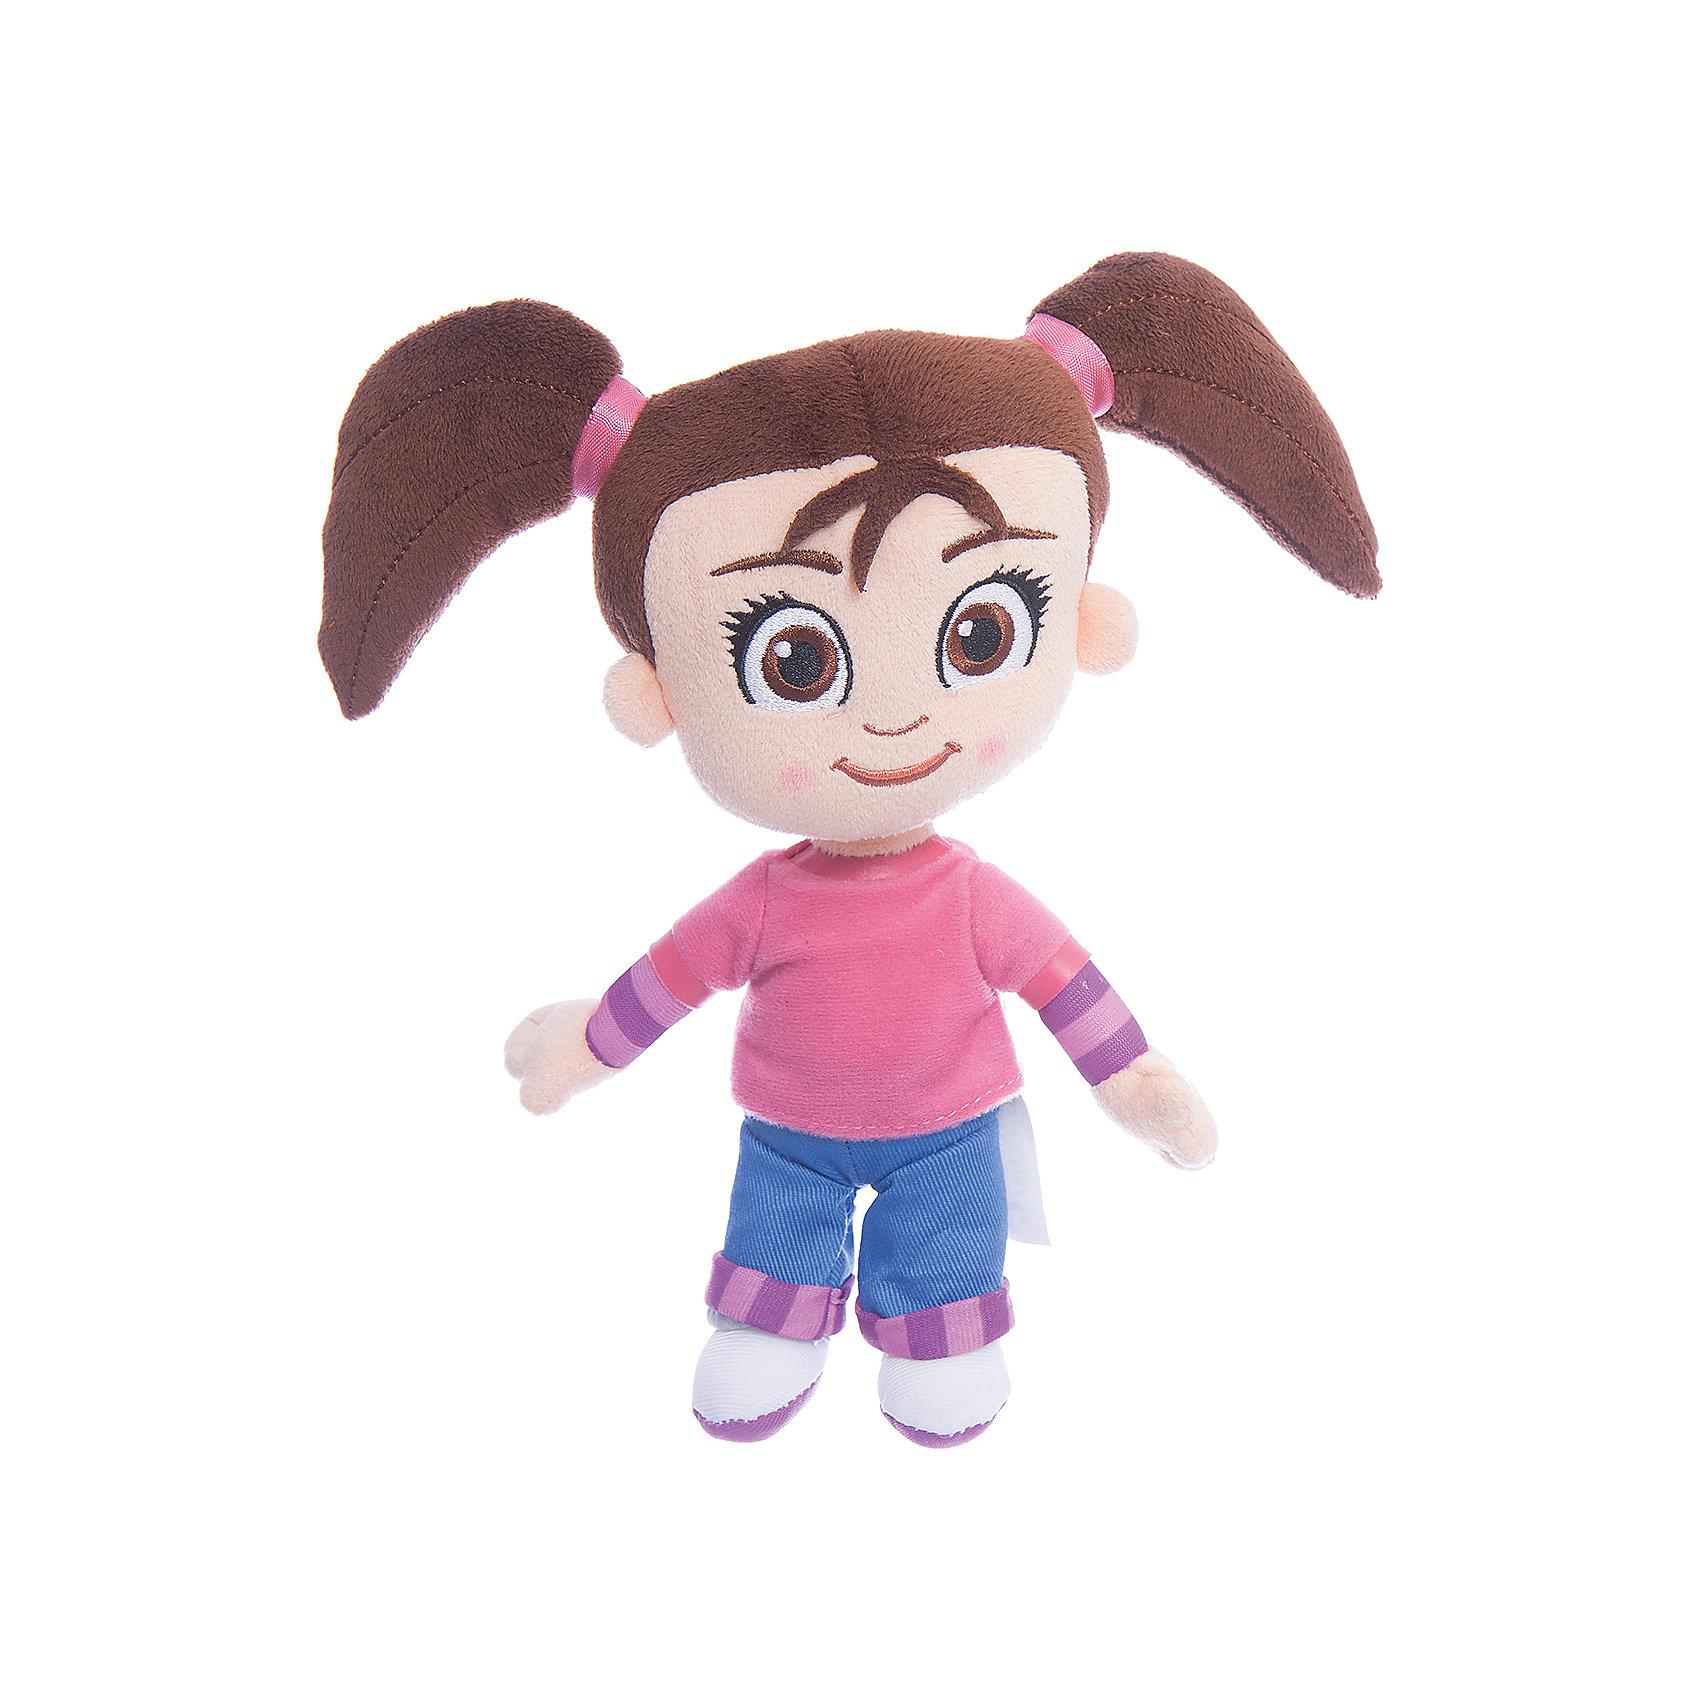 Мягкая кукла Катя, 20 см, Катя и Мим-МимМягкие куклы<br>Мягконабивная кукла, выполненная в виде главной героини популярного мультфильма для детей «Катя и Мим Мим», высотой 20 см. Кукла изготовлена только из мягких текстильных материалов, без использования пластиковых деталей. Симпатичное улыбчивое личико вышито цветными нитками, наполнитель – чистый гипоаллергенный синтепон. Игрушку можно стирать с использованием мягких моющих средств.<br><br>Ширина мм: 90<br>Глубина мм: 110<br>Высота мм: 90<br>Вес г: 147<br>Возраст от месяцев: 36<br>Возраст до месяцев: 120<br>Пол: Женский<br>Возраст: Детский<br>SKU: 4967258